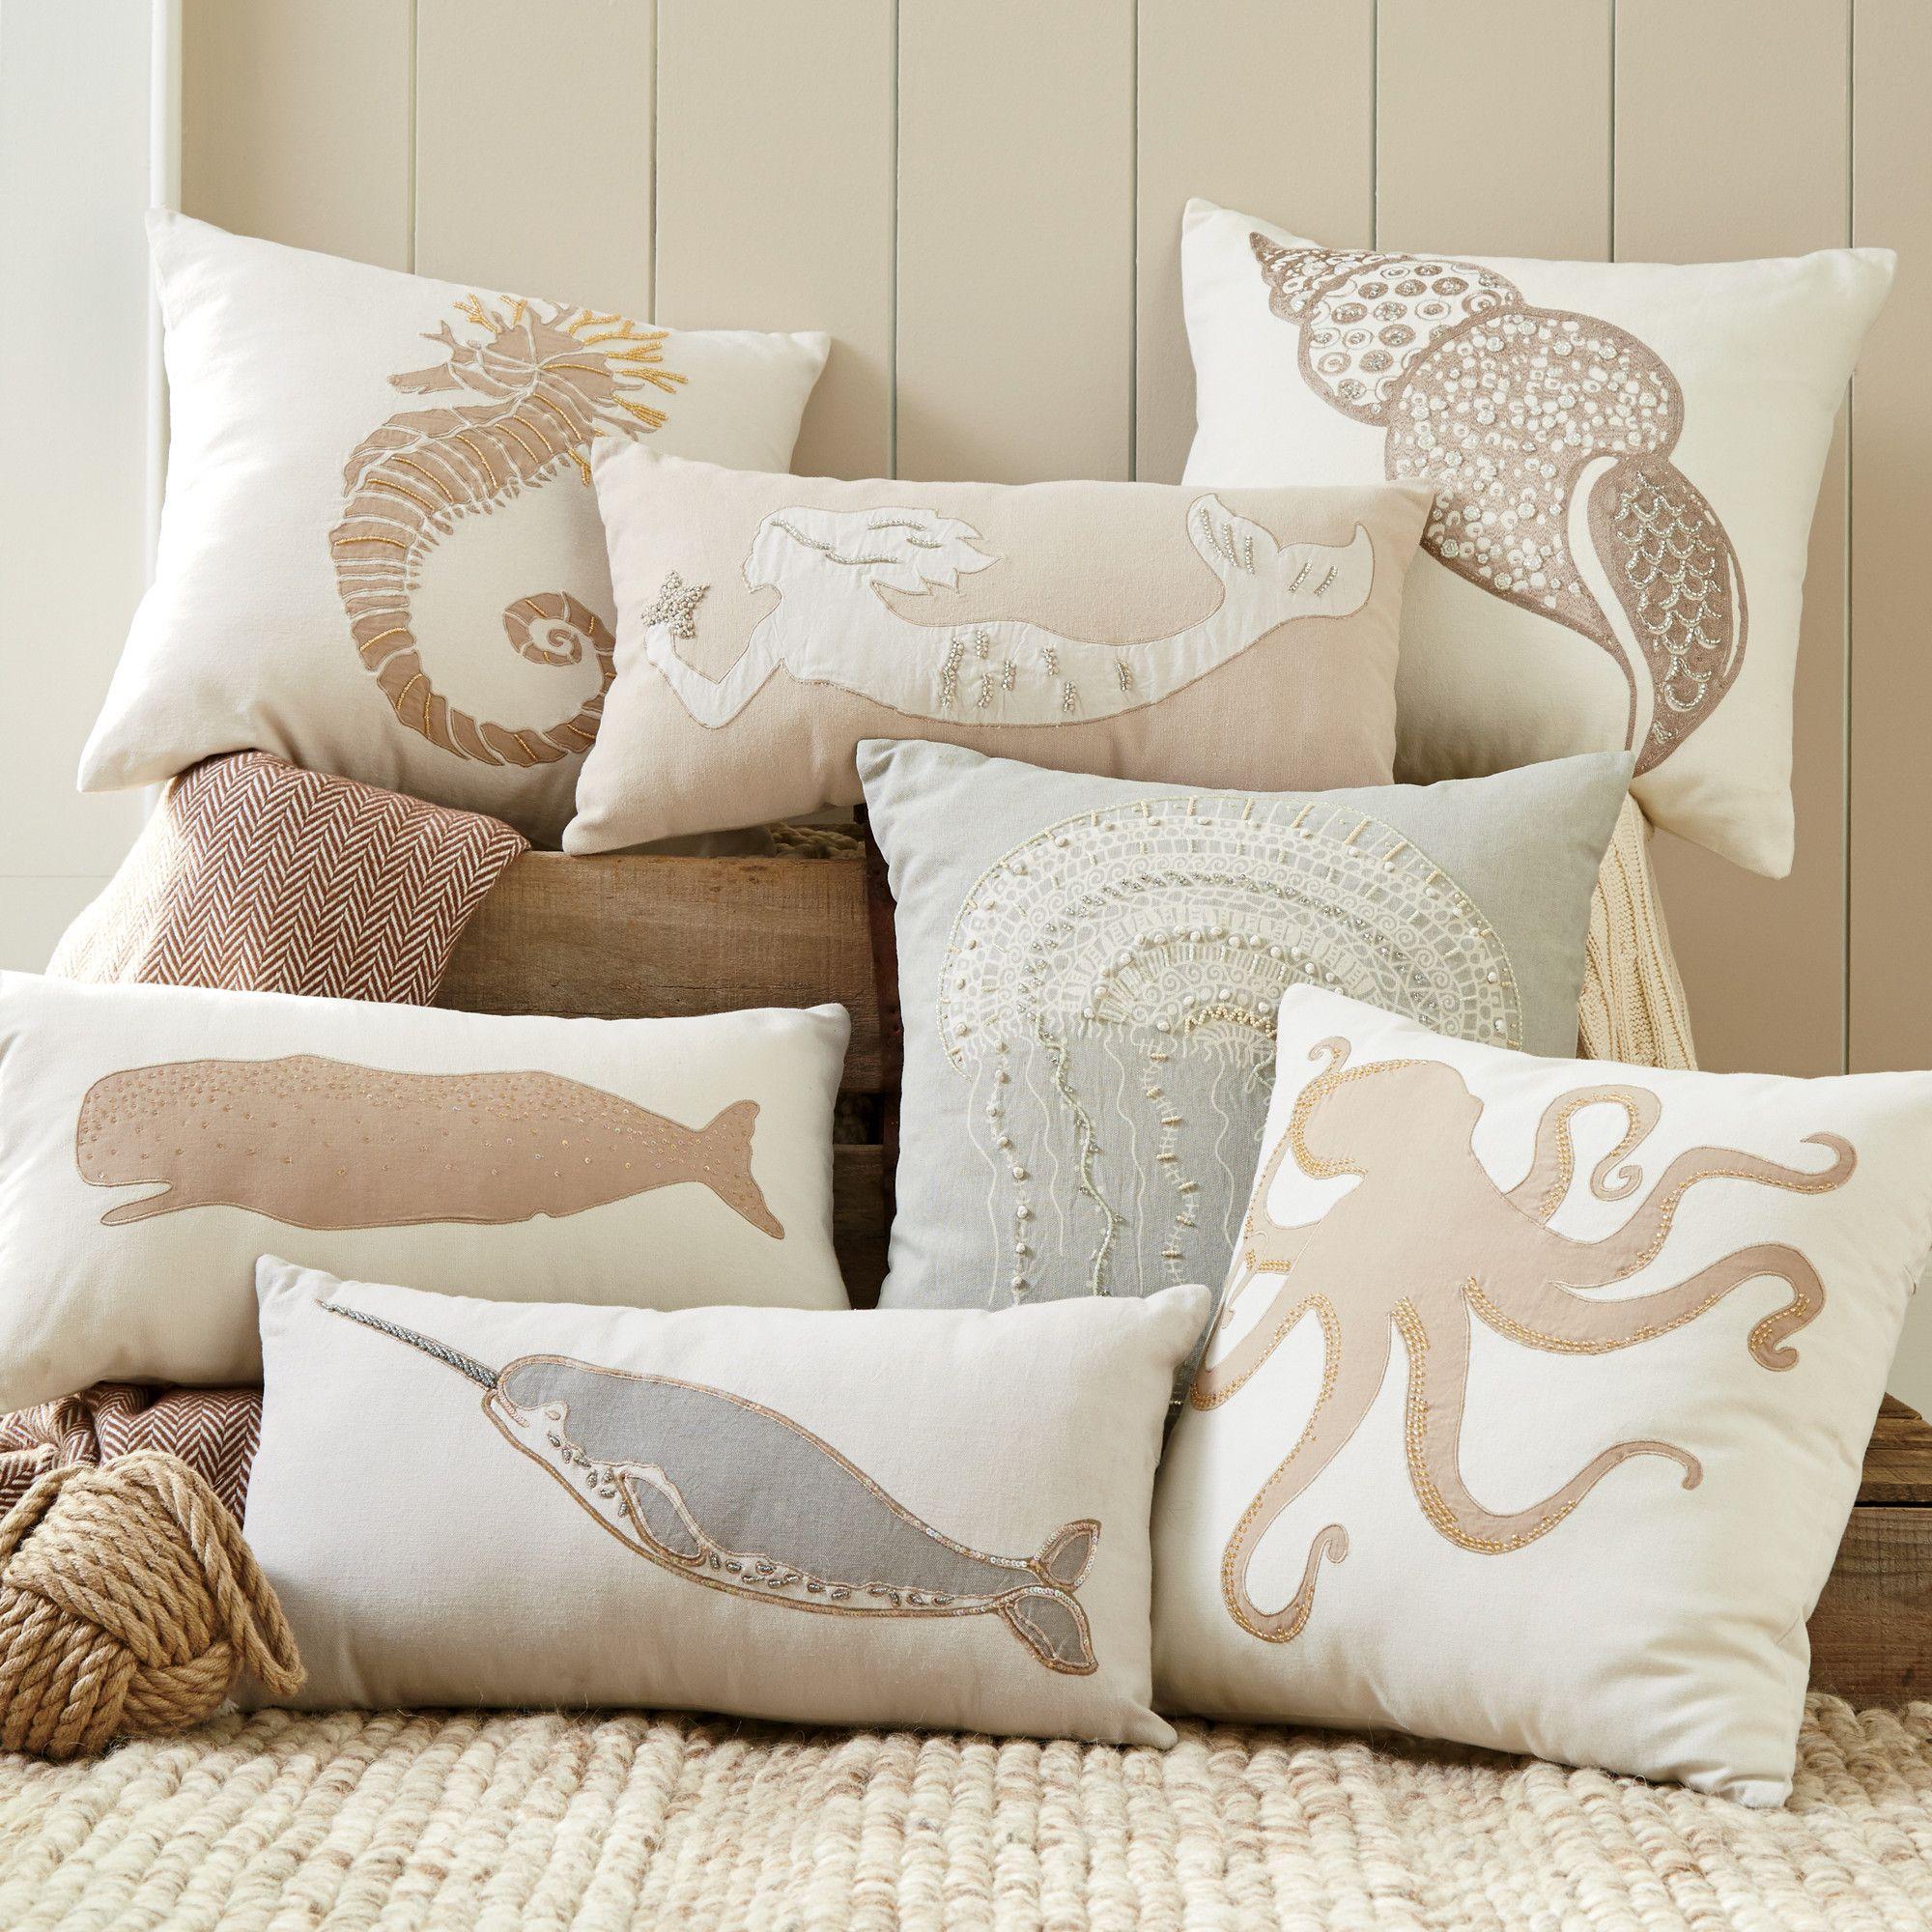 Birch Lane Marina Pillow Cover Collection  Pillows, Sea decor